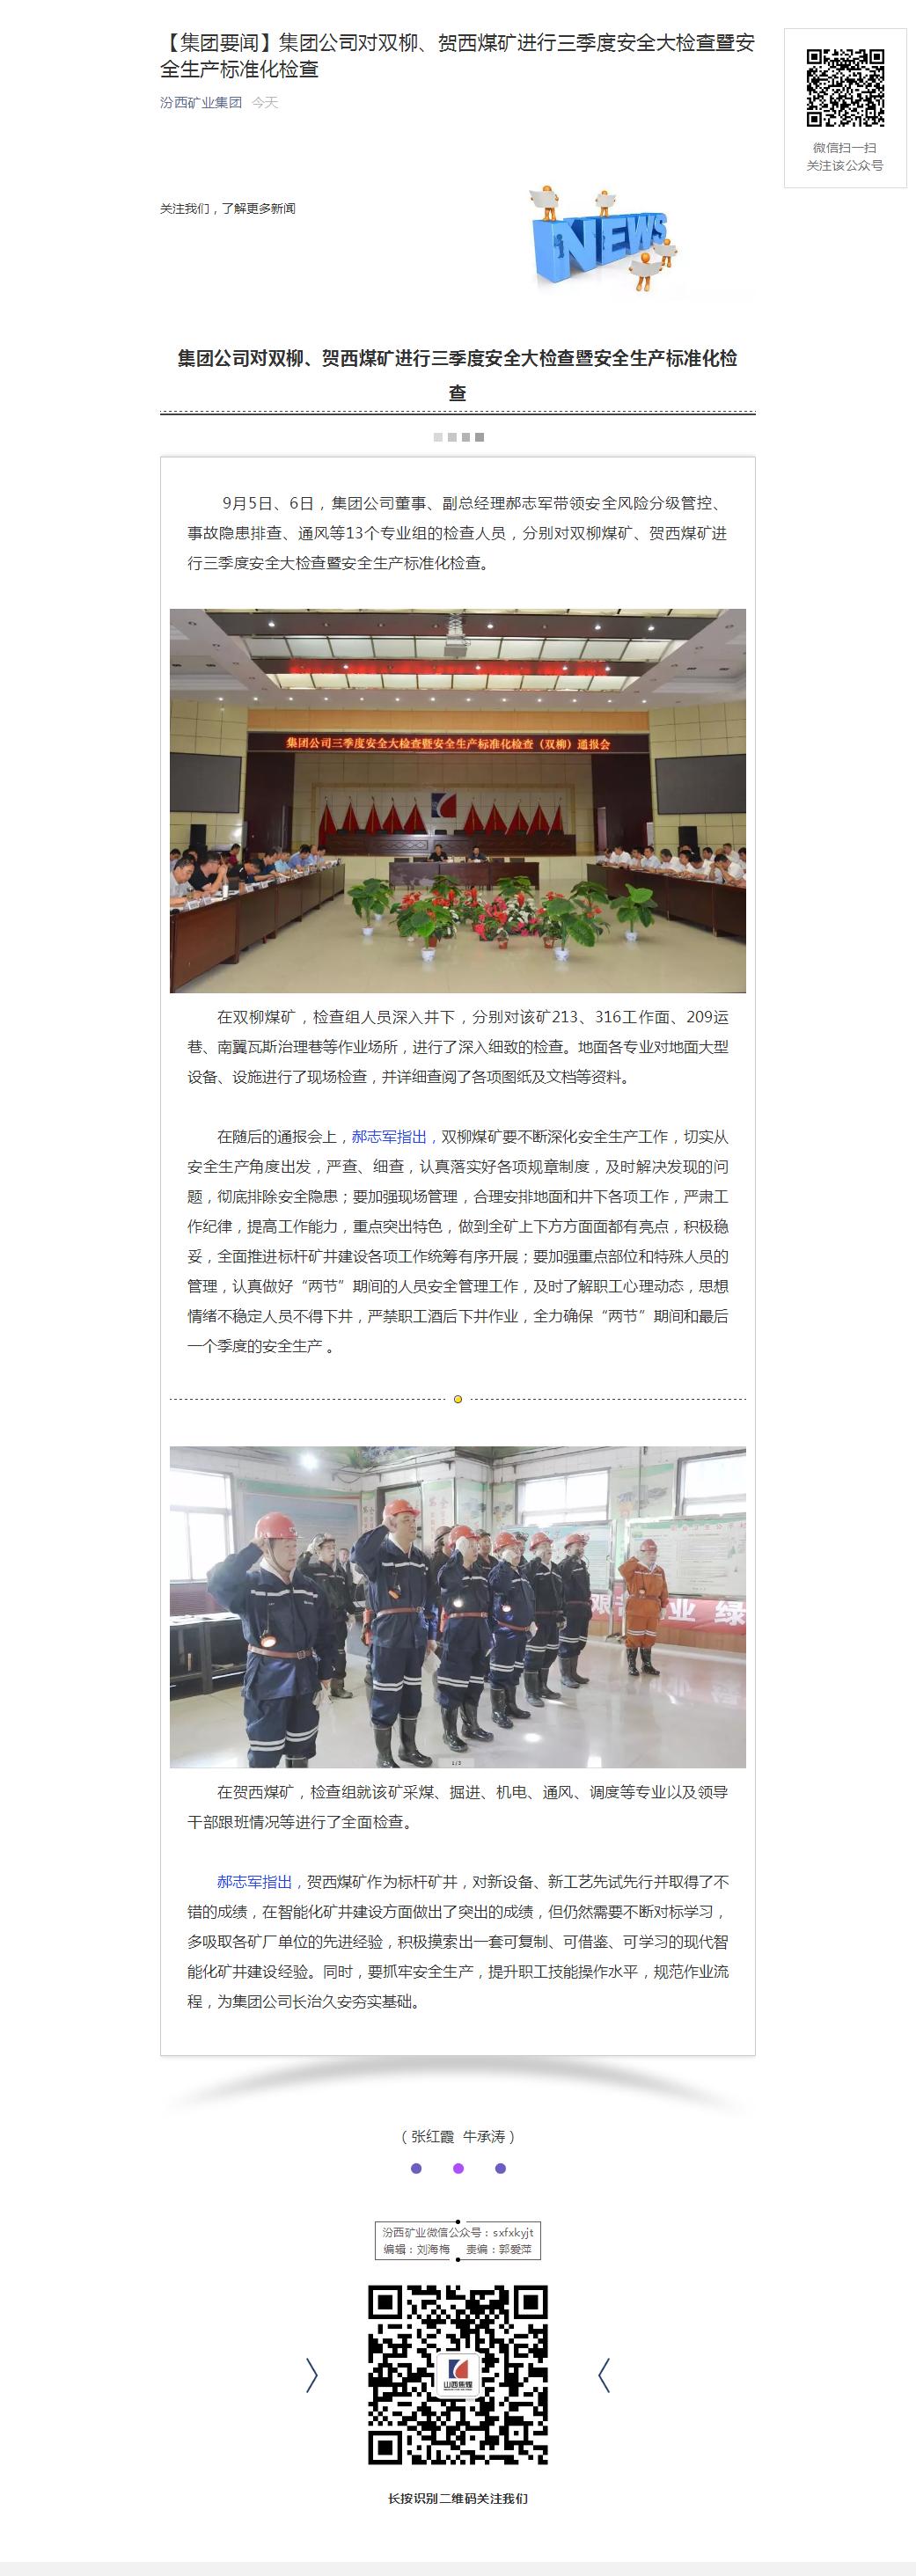 集團公司對雙柳、賀西煤礦進行三季度安全大檢查暨安全生産標准化檢查.png